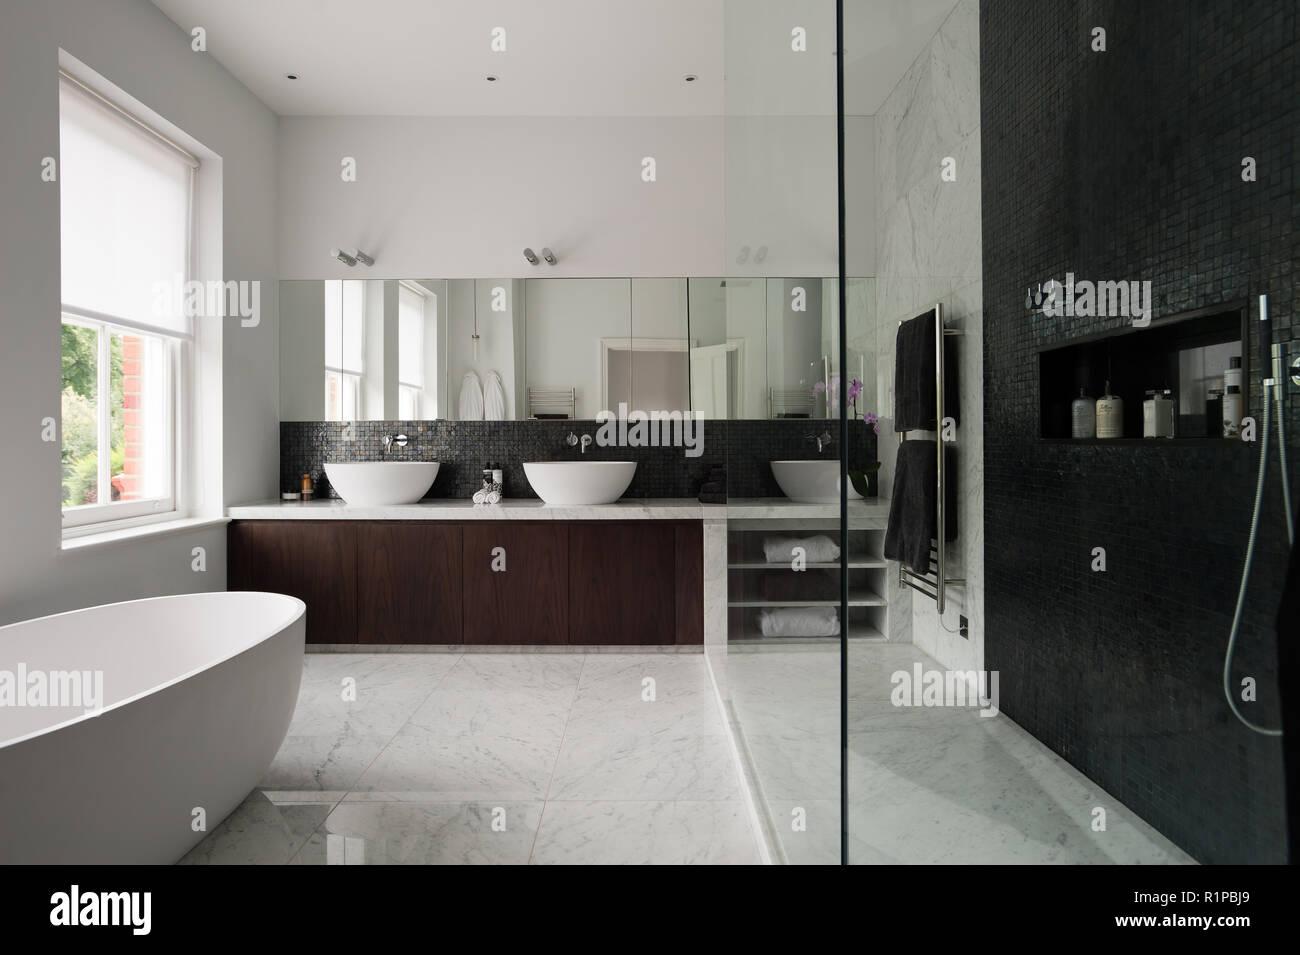 Salle de bains monochrome moderne Banque D'Images